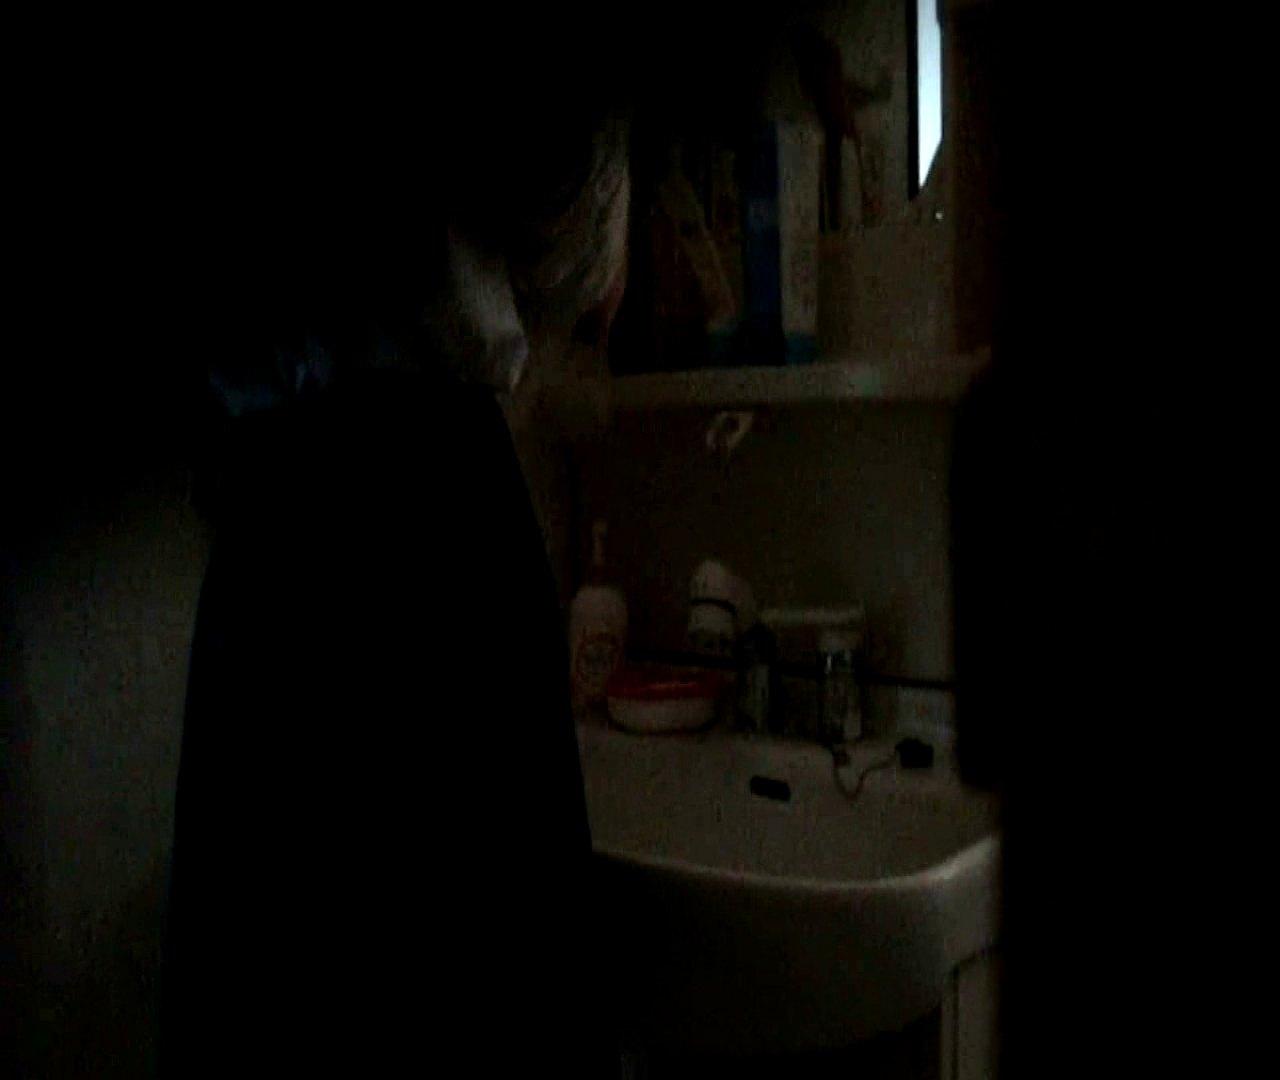 二人とも育てた甲斐がありました… vol.05 まどかが洗顔後にブラを洗濯 HなOL | 0  98pic 37